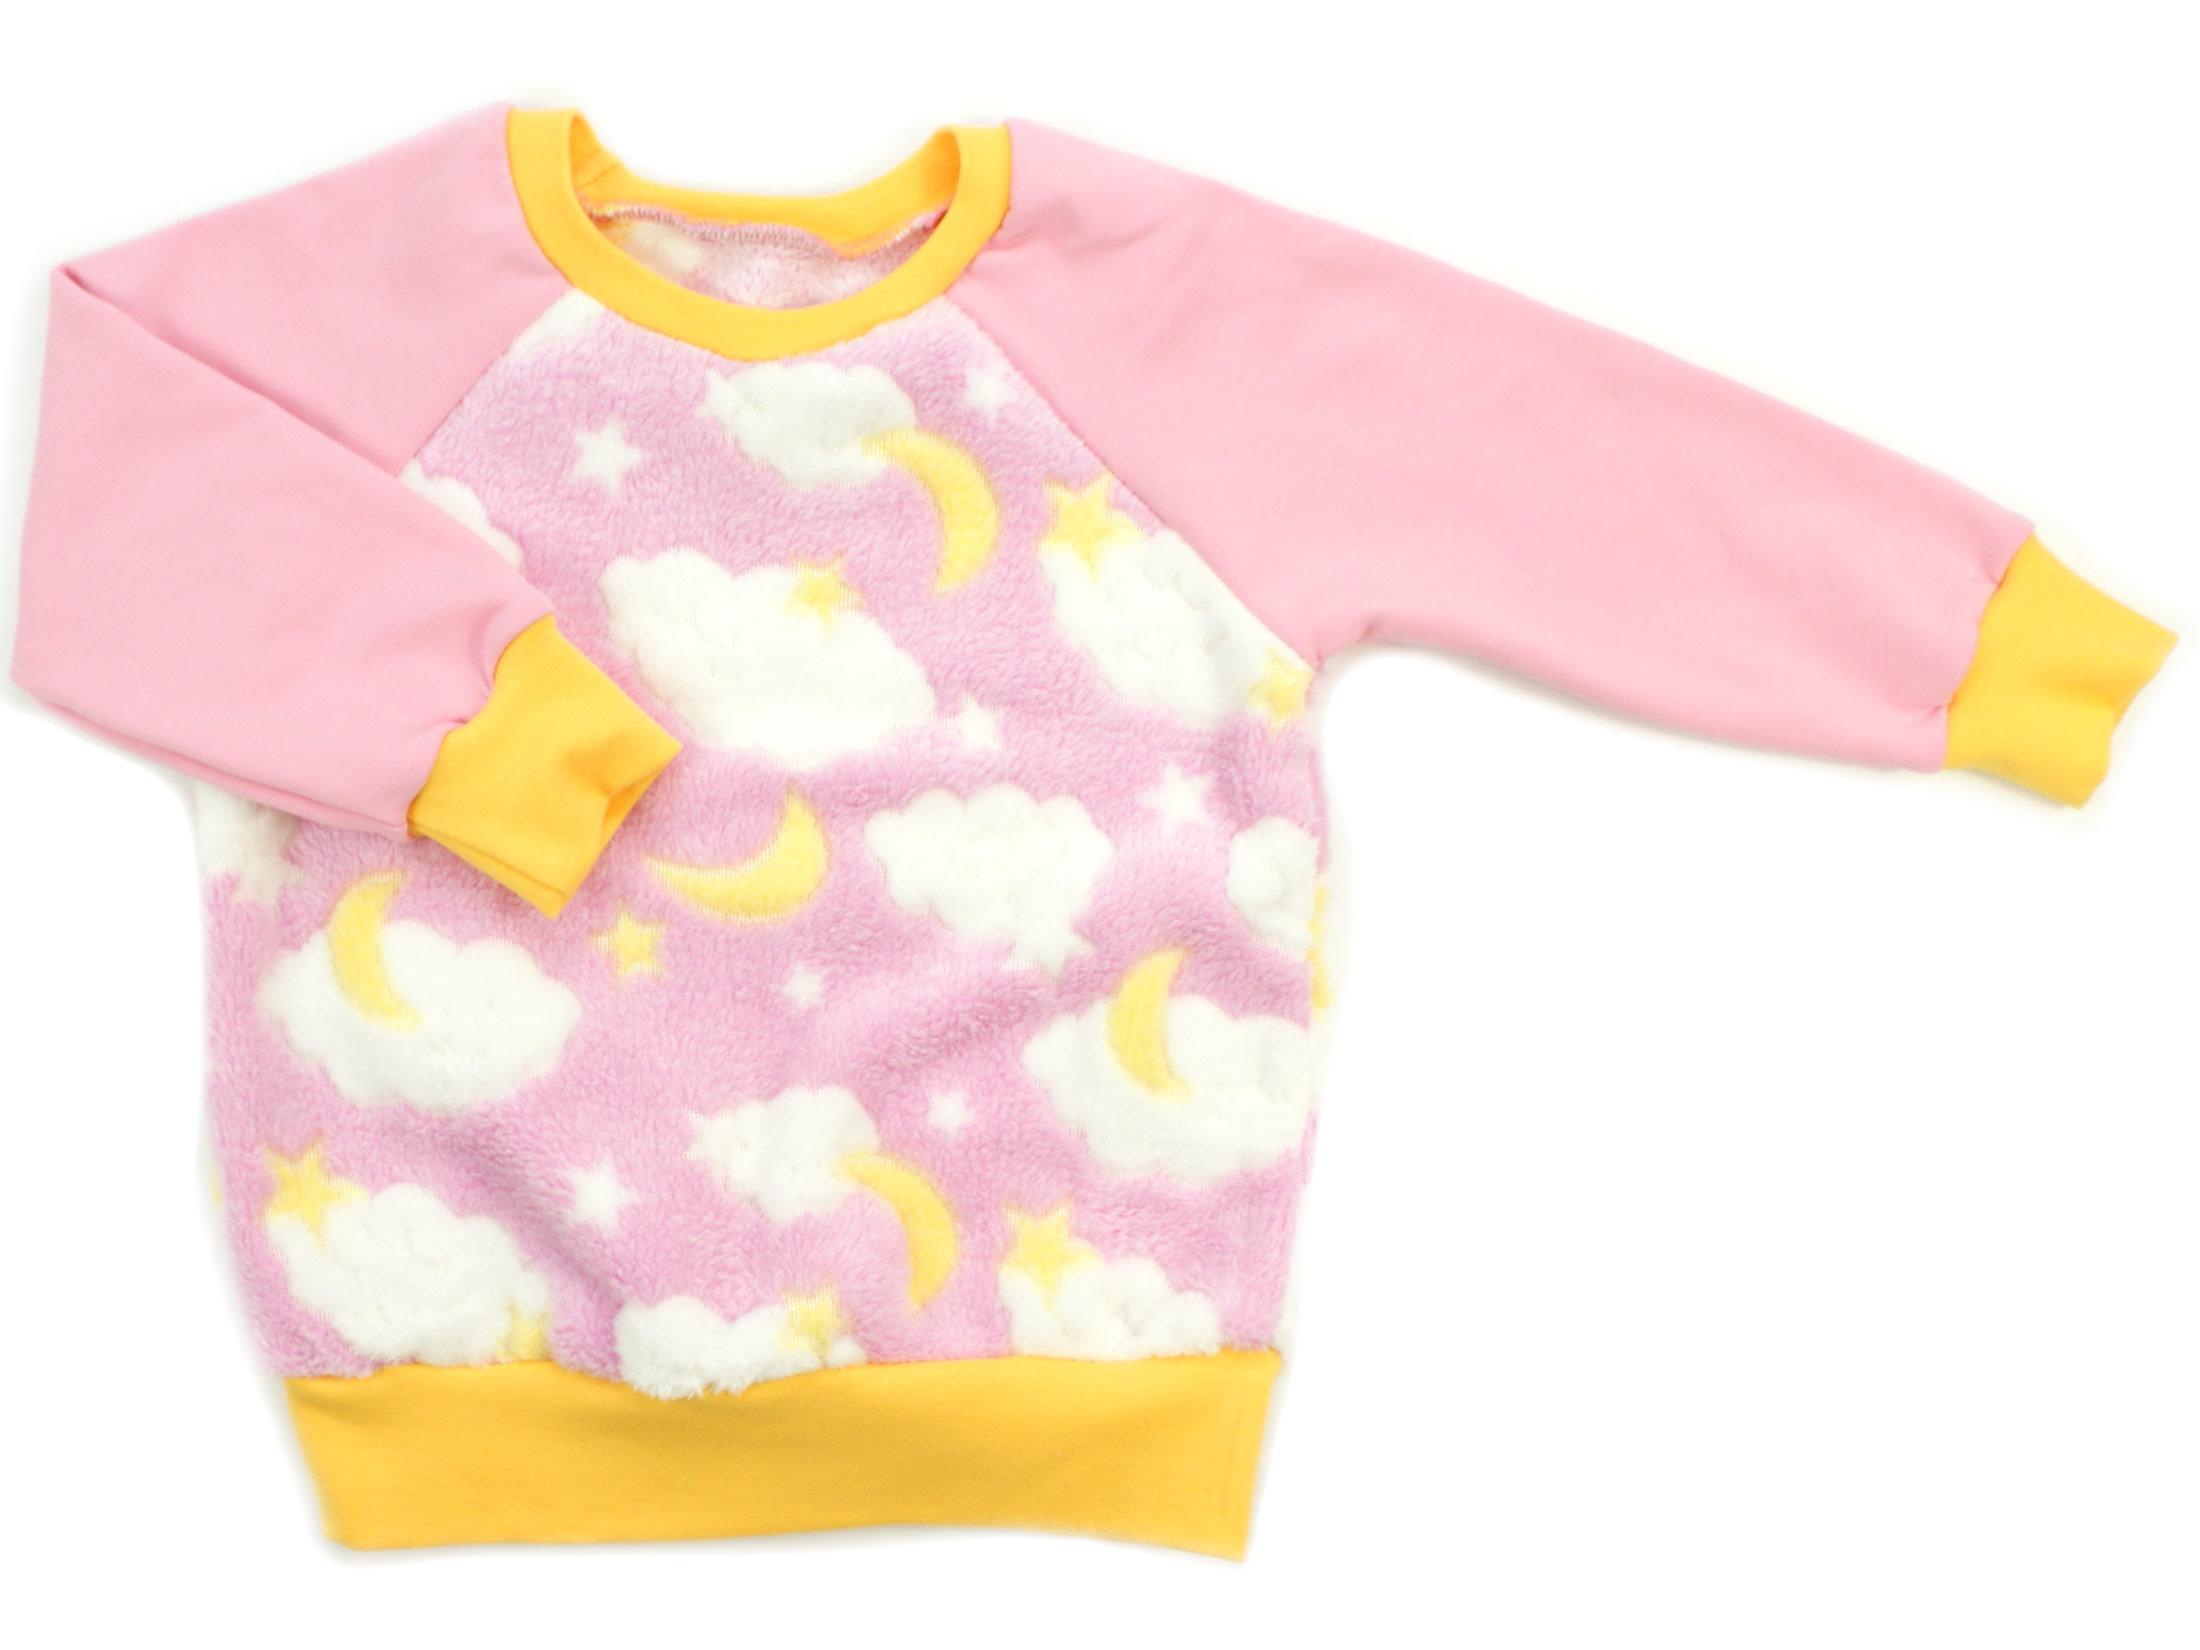 """Kinder Pullover """"Mond und Sterne"""" rosa gelb aus Kuschelfleece"""